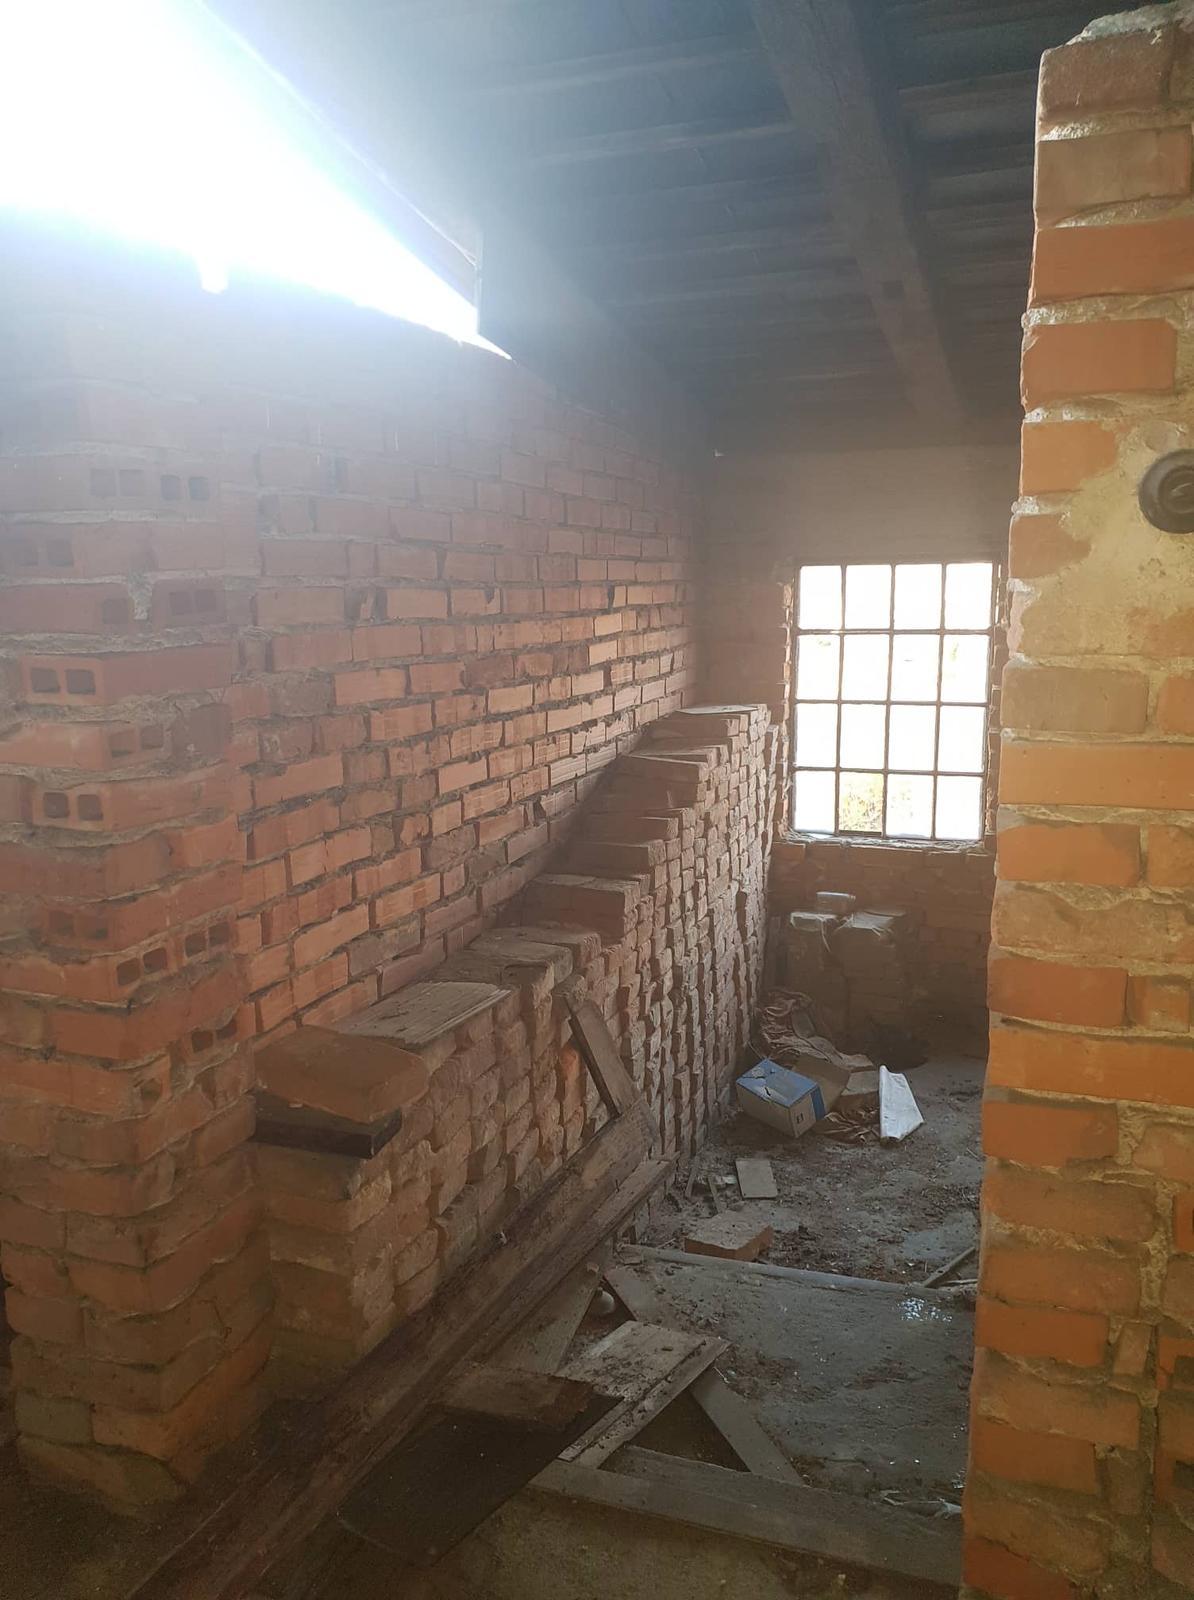 Rekonštrukcia domu-alebo chceme si splniť sen =》🏠🌻🌼🐶  mat domcek a vratit sa na Slovensko - pohlad na vetrajuce sa okna na schodisku